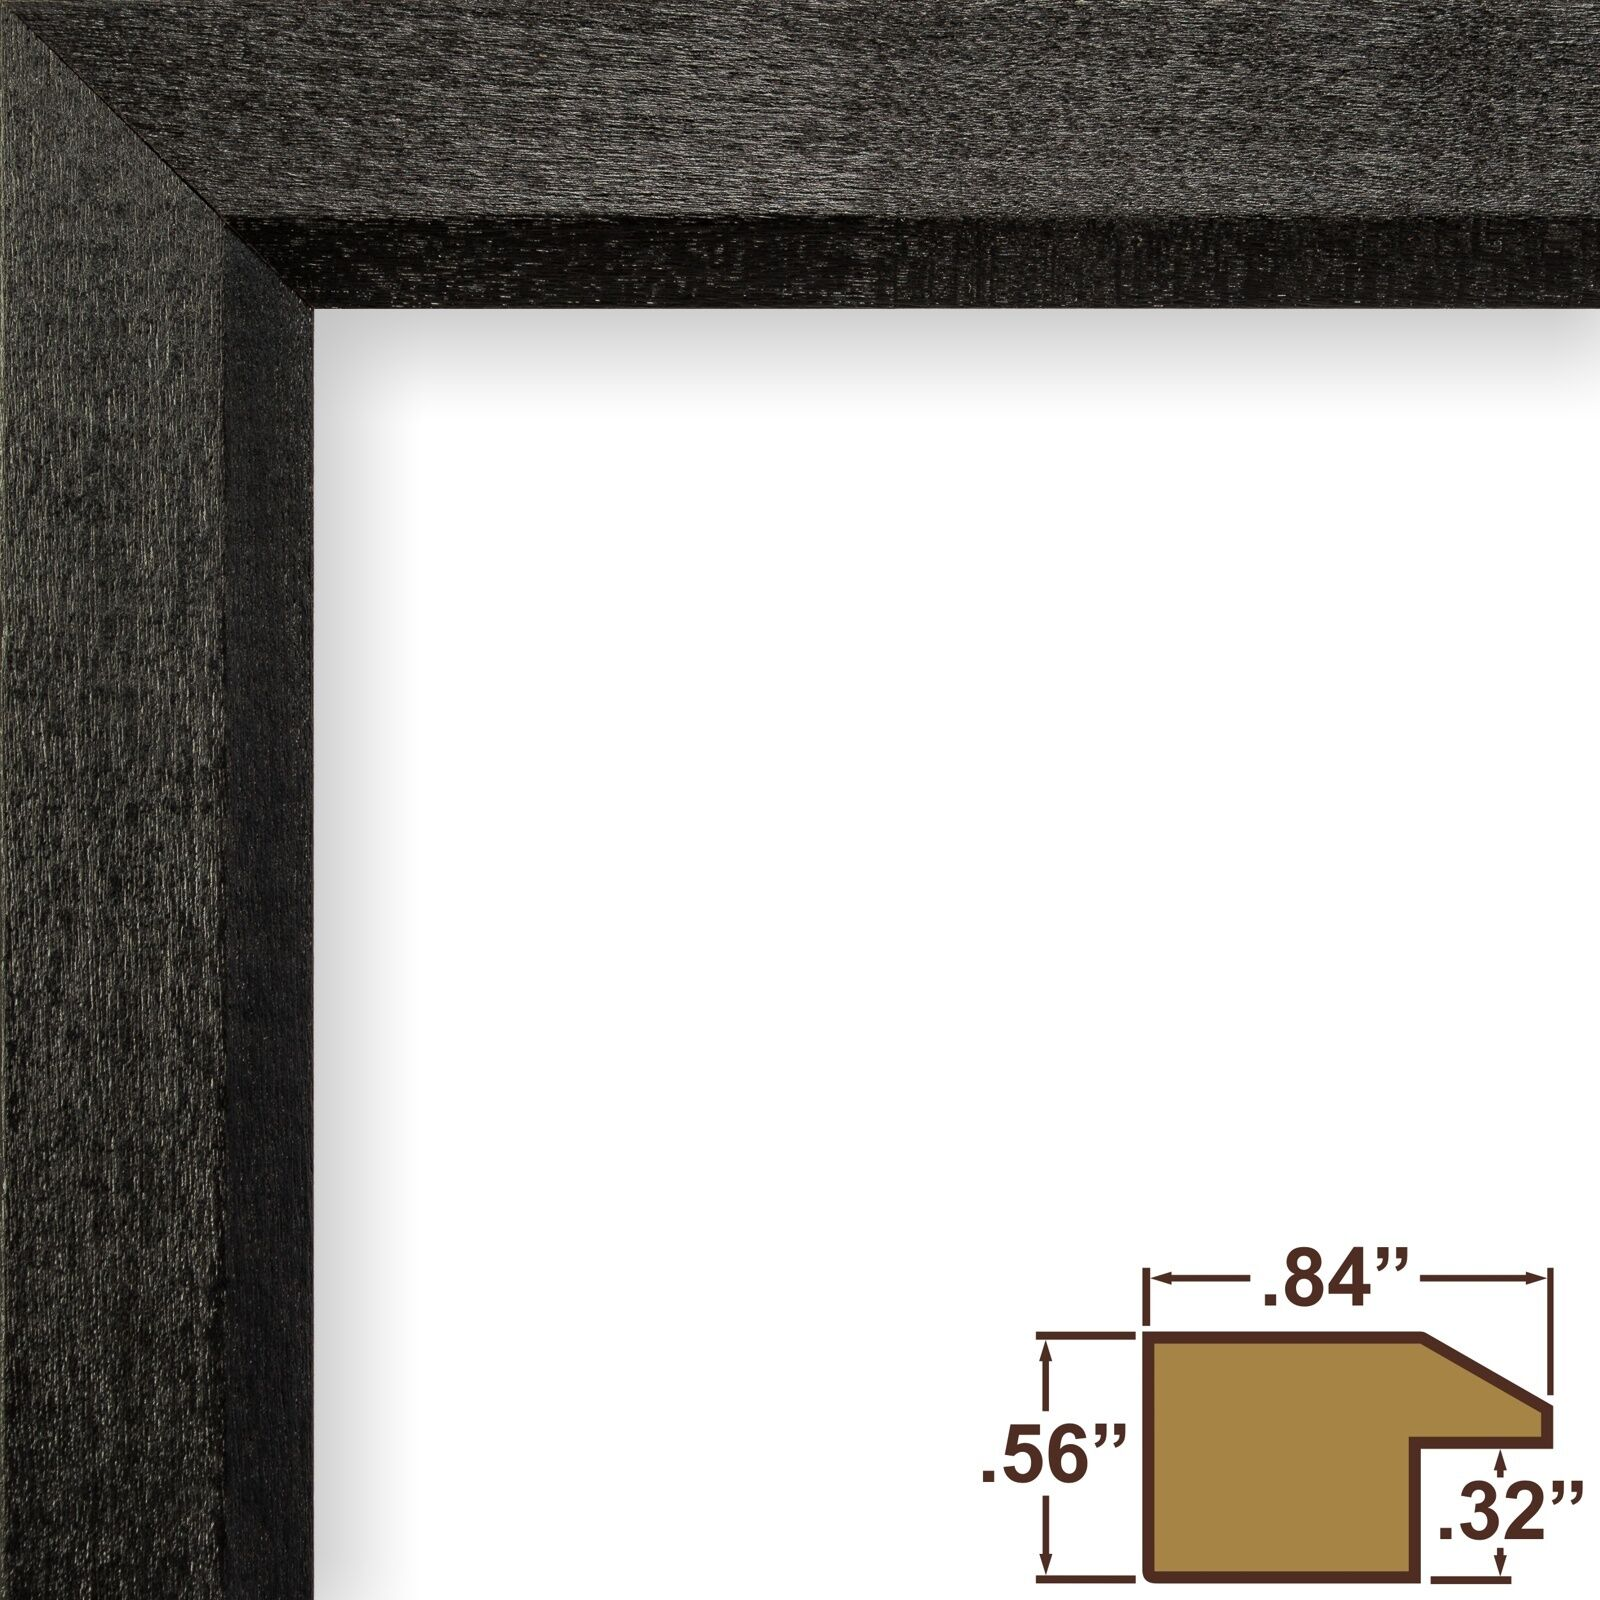 Craig frames economy black simple hardwood picture frame 1 single picture 1 of 12 jeuxipadfo Choice Image